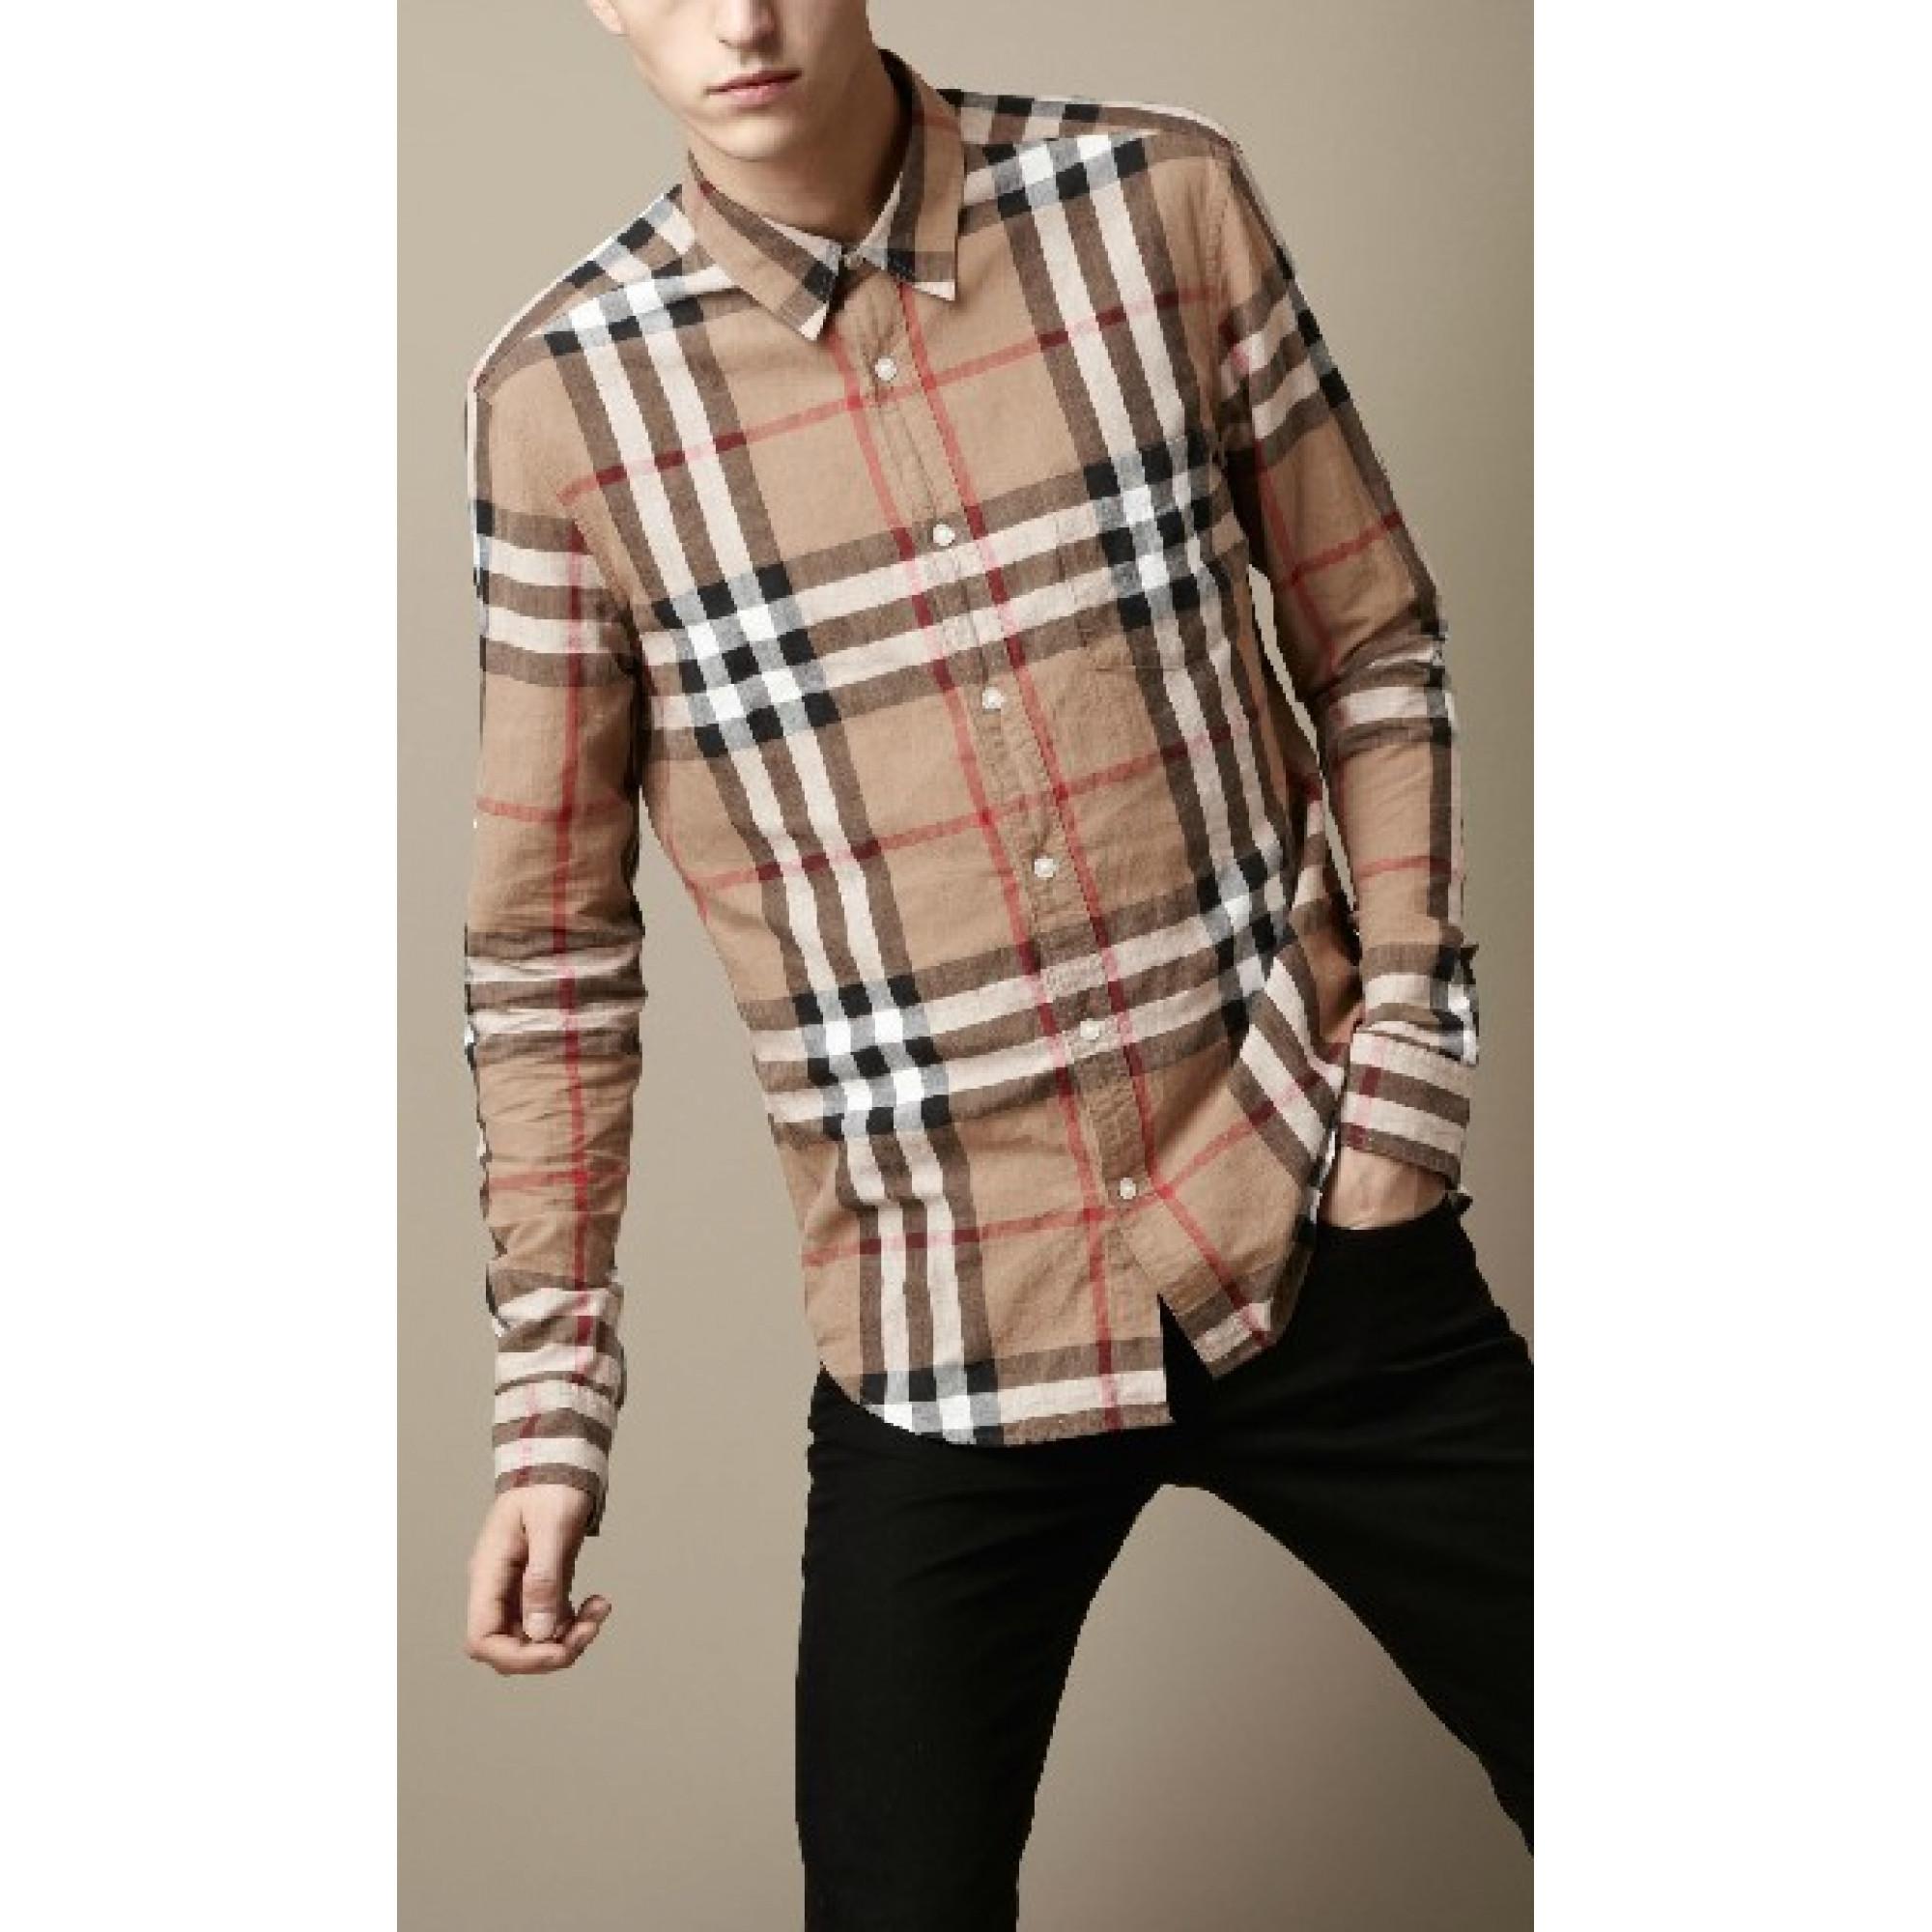 2e37a6c65353 Купить классическая рубашка Burberry — в Киеве, код товара 11280